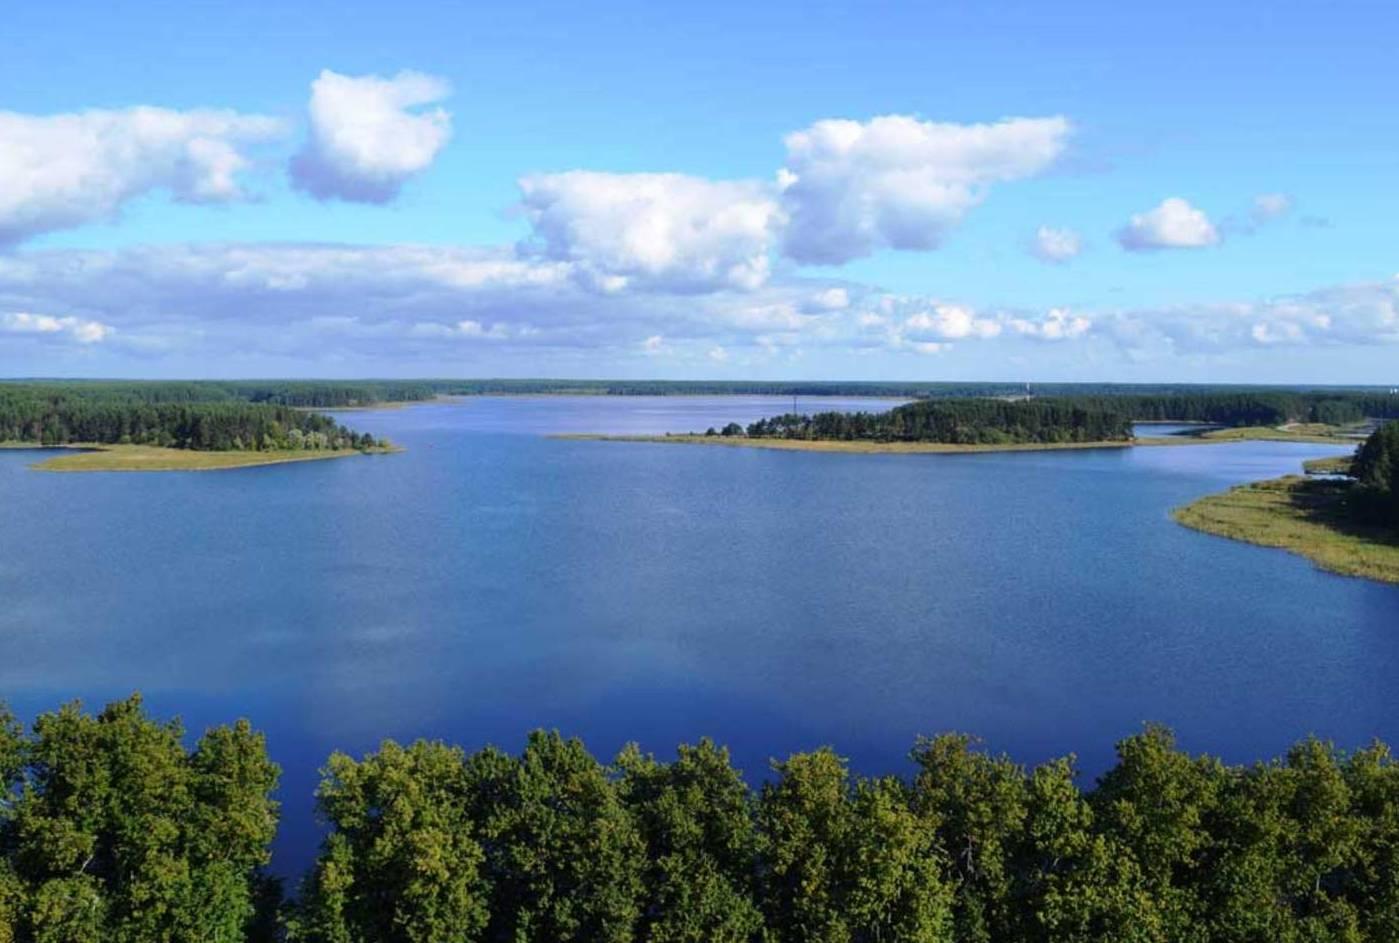 Озеро Селигер, граница Тверской и Новгородской областей